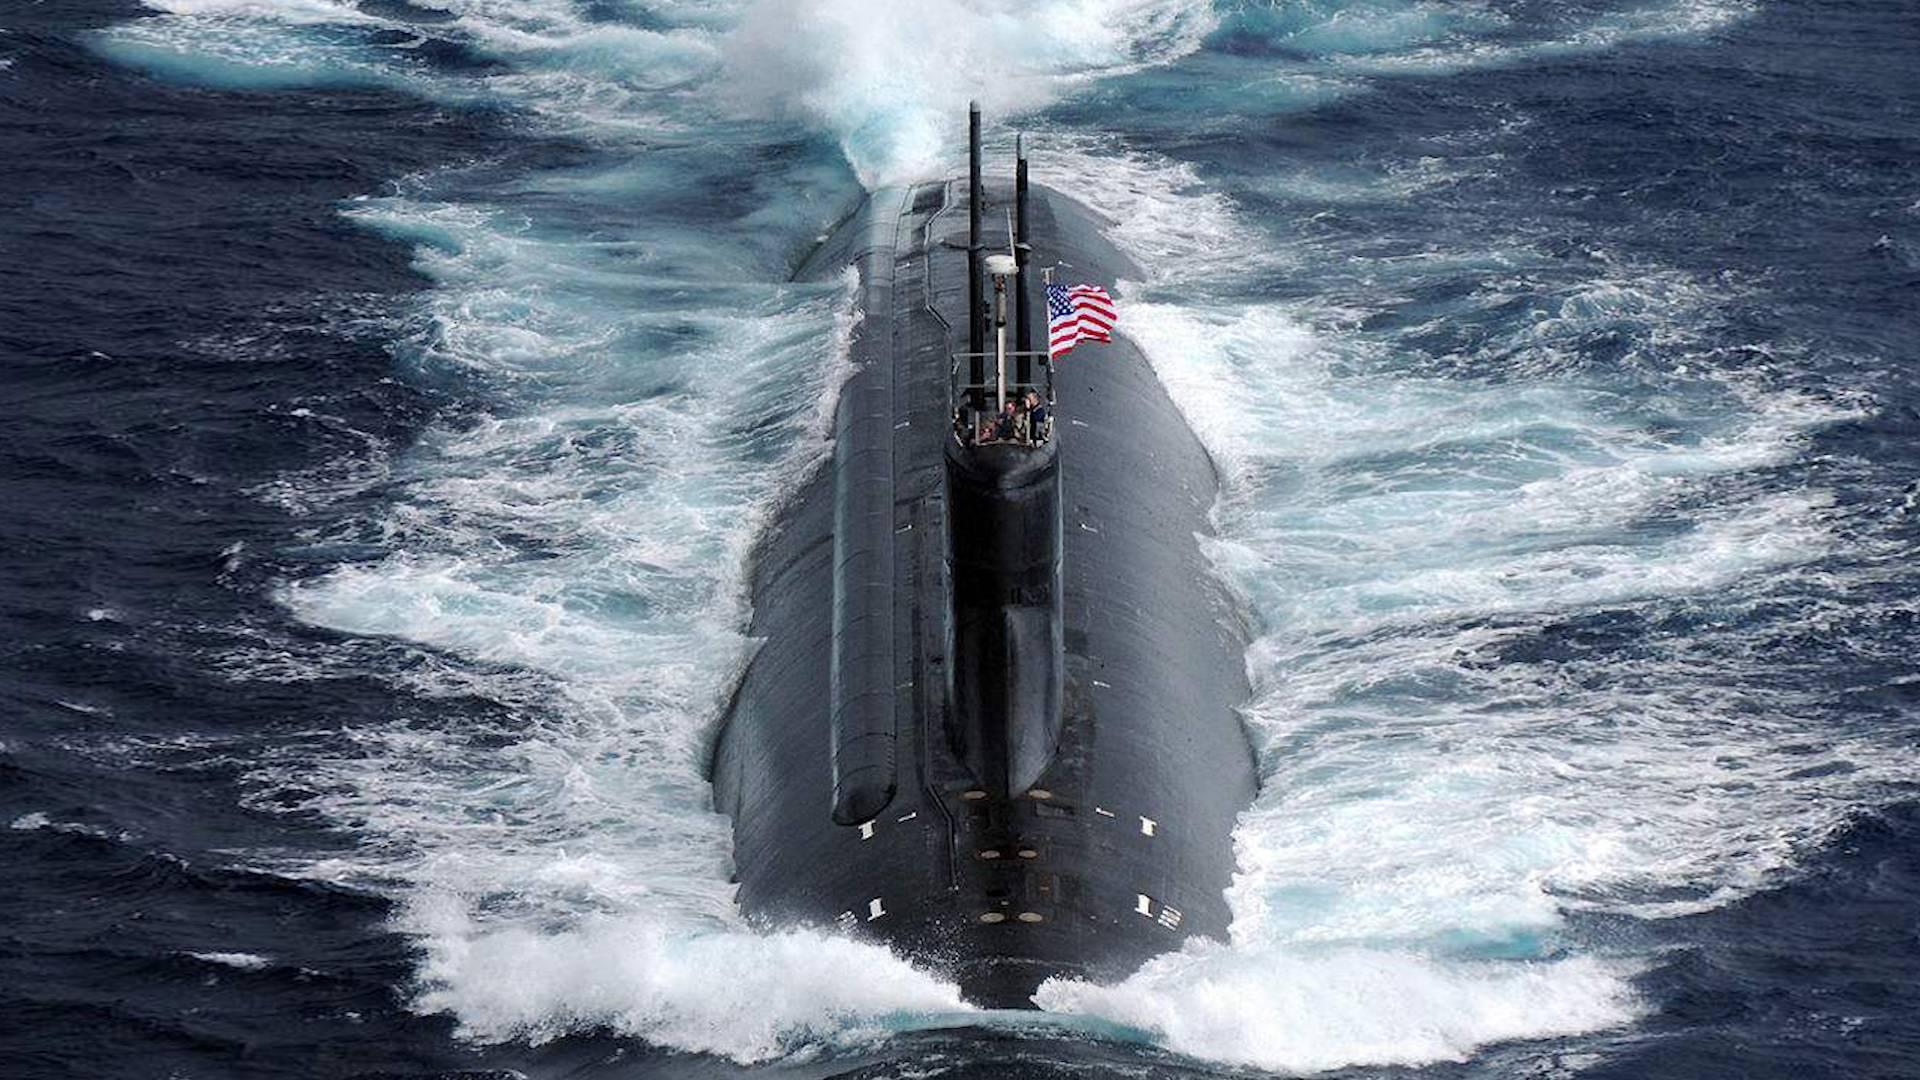 美军核潜艇将常驻亚太?专家:军事冒险将比过去更疯狂